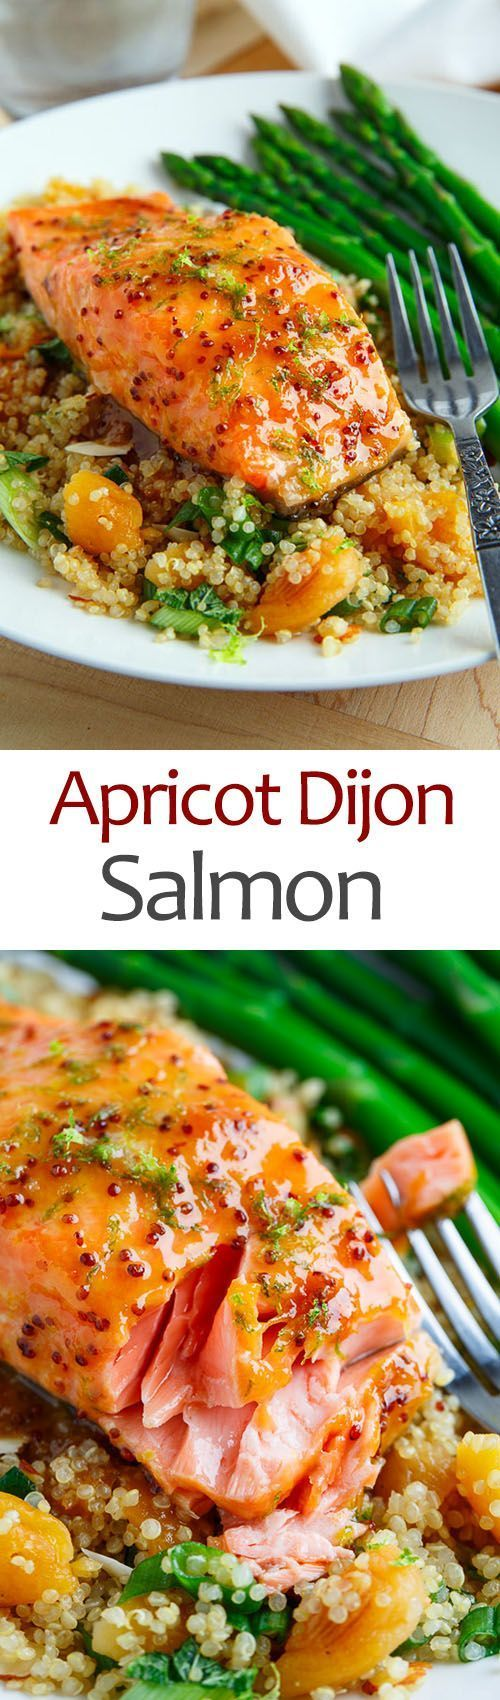 Photo of Apricot Dijon Glazed Salmon